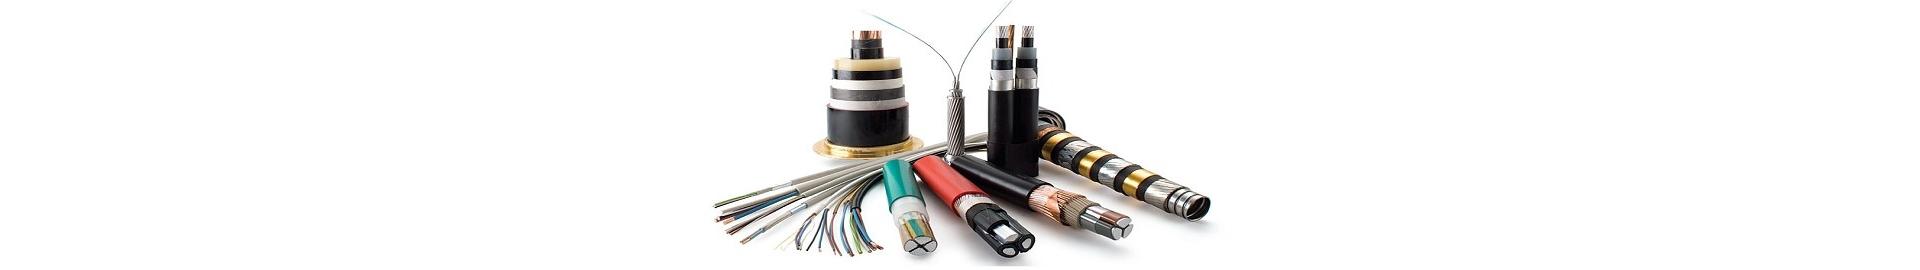 Elektryka – urządzenia elektryczne do serwisu i montażu